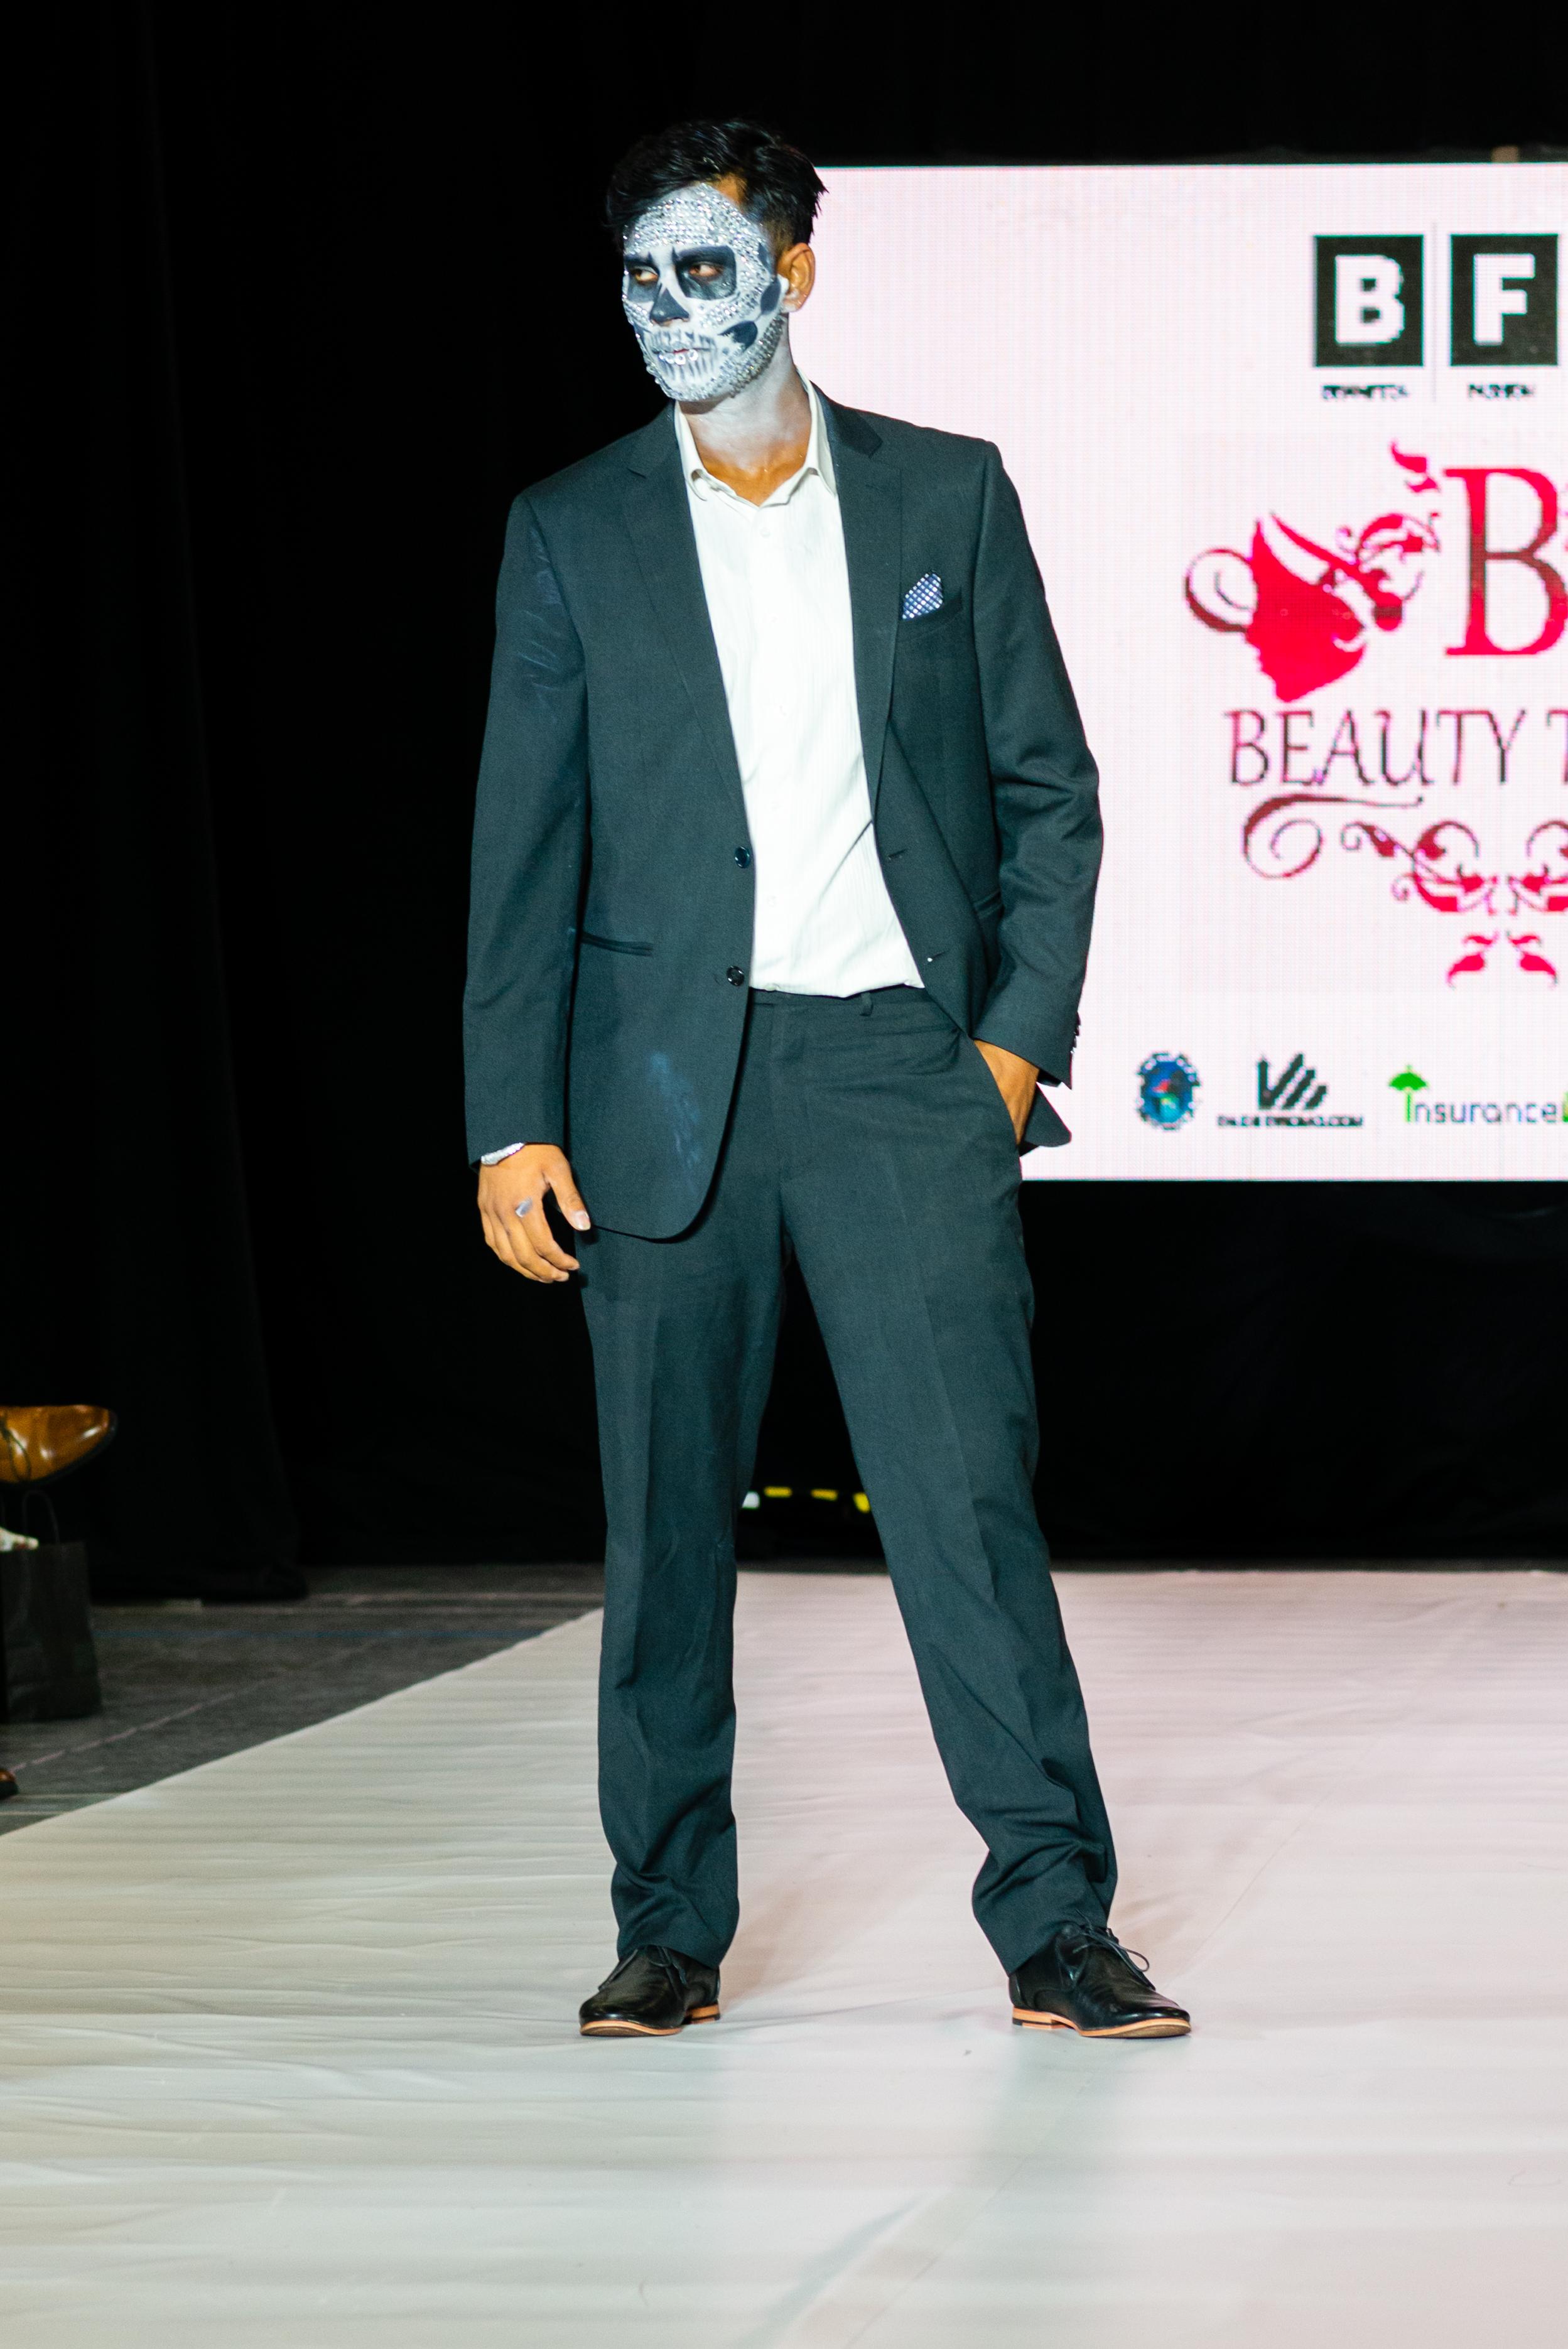 BFW13 - Beauty Talkz-D8A_2440.jpg